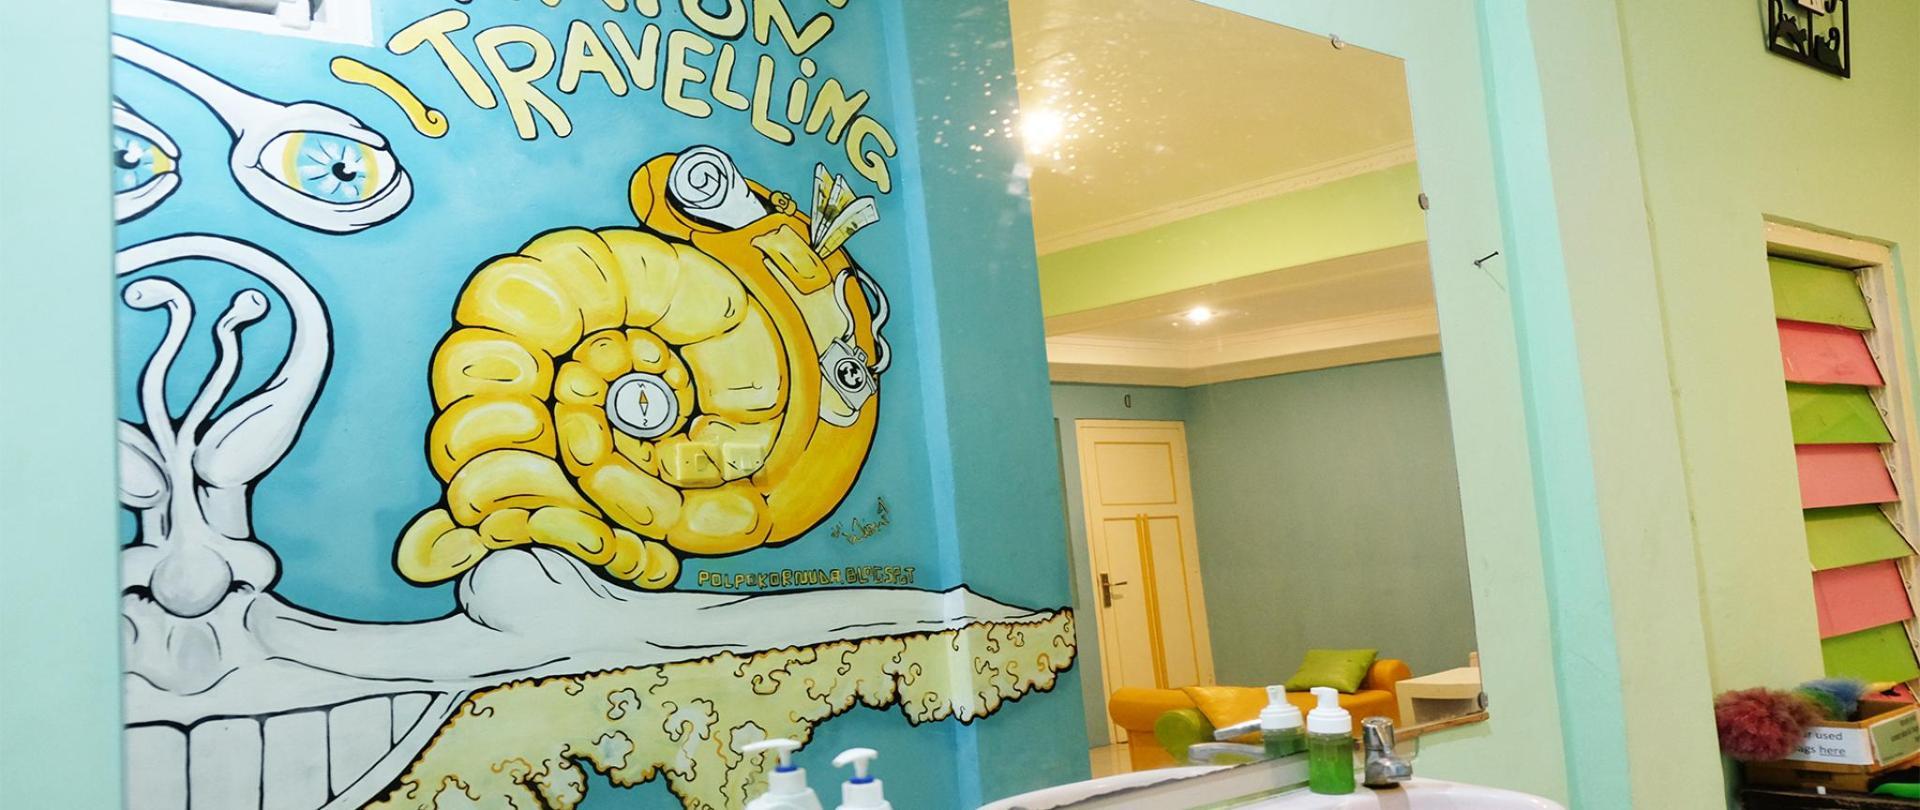 Travelo13.jpg